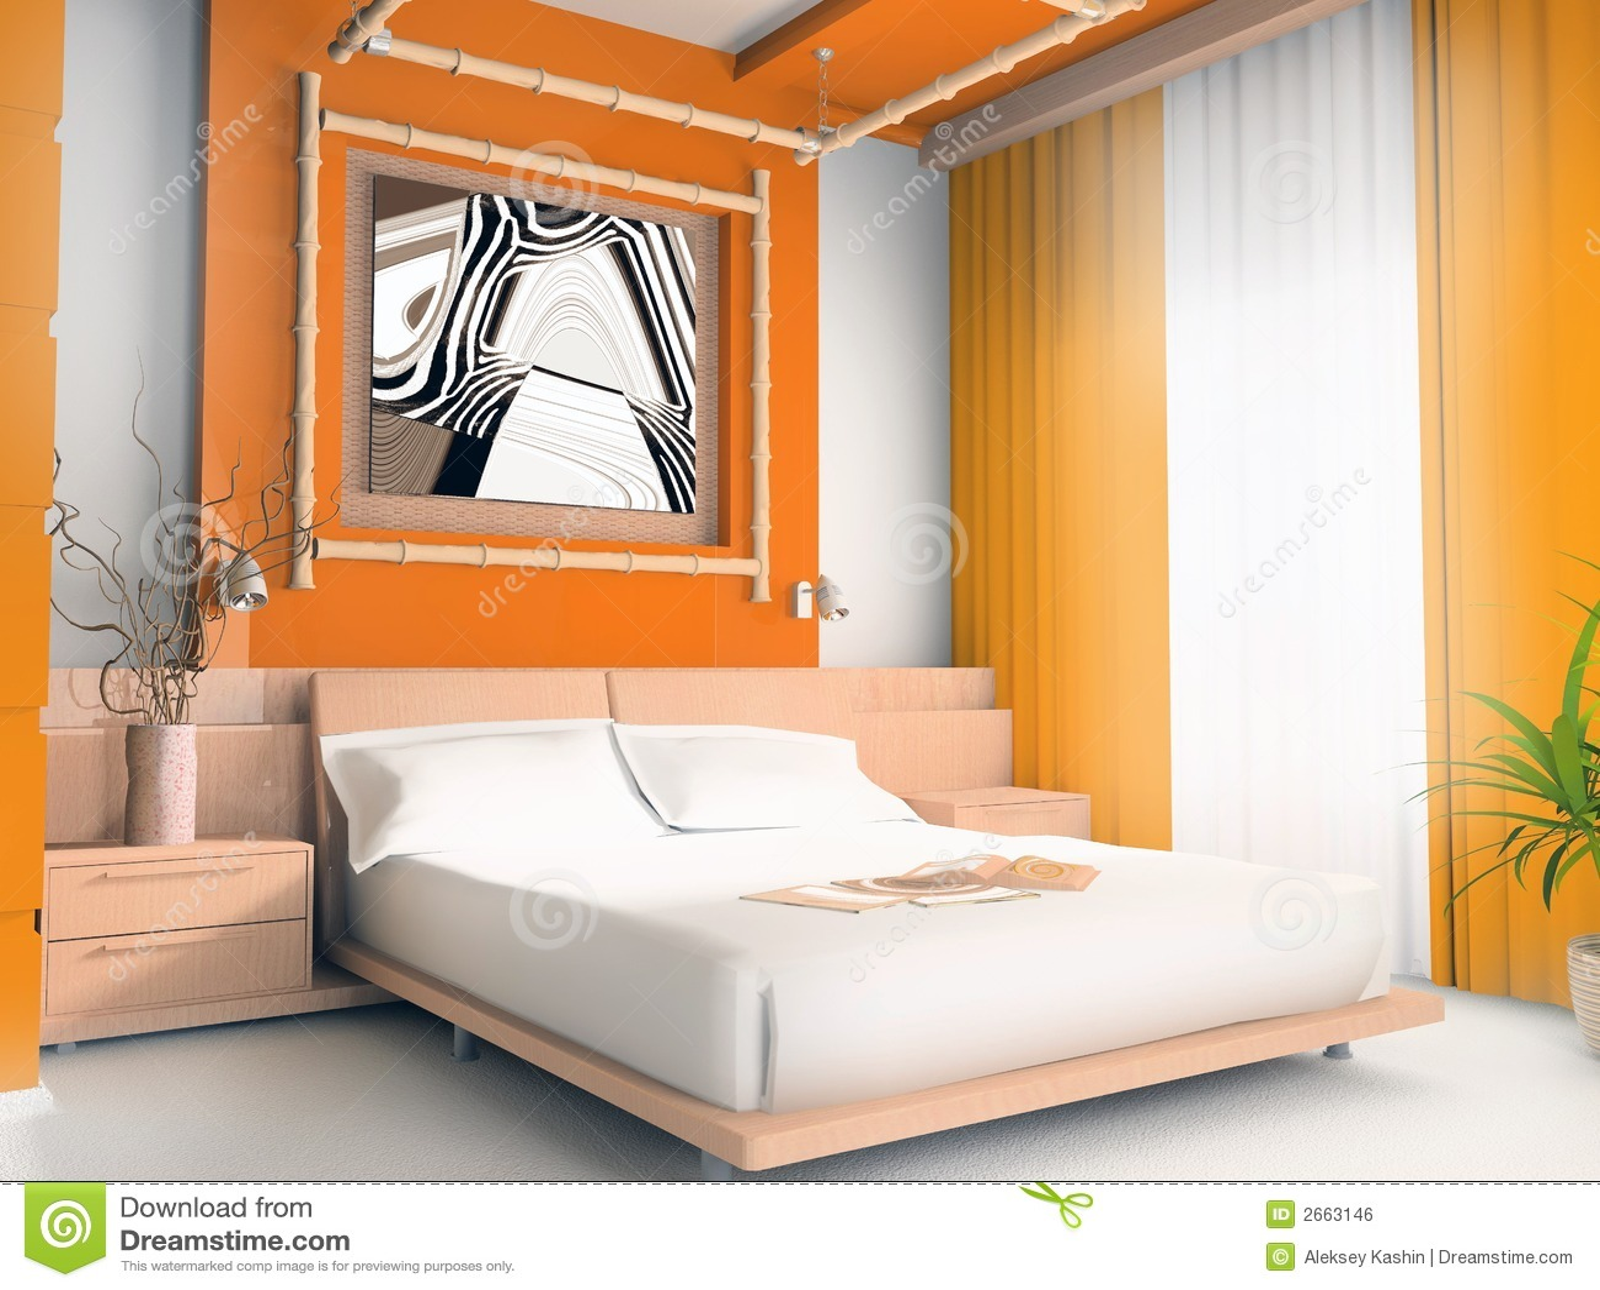 camera da letto arancione immagine stock libera da diritti ... - Camera Da Letto Arancione